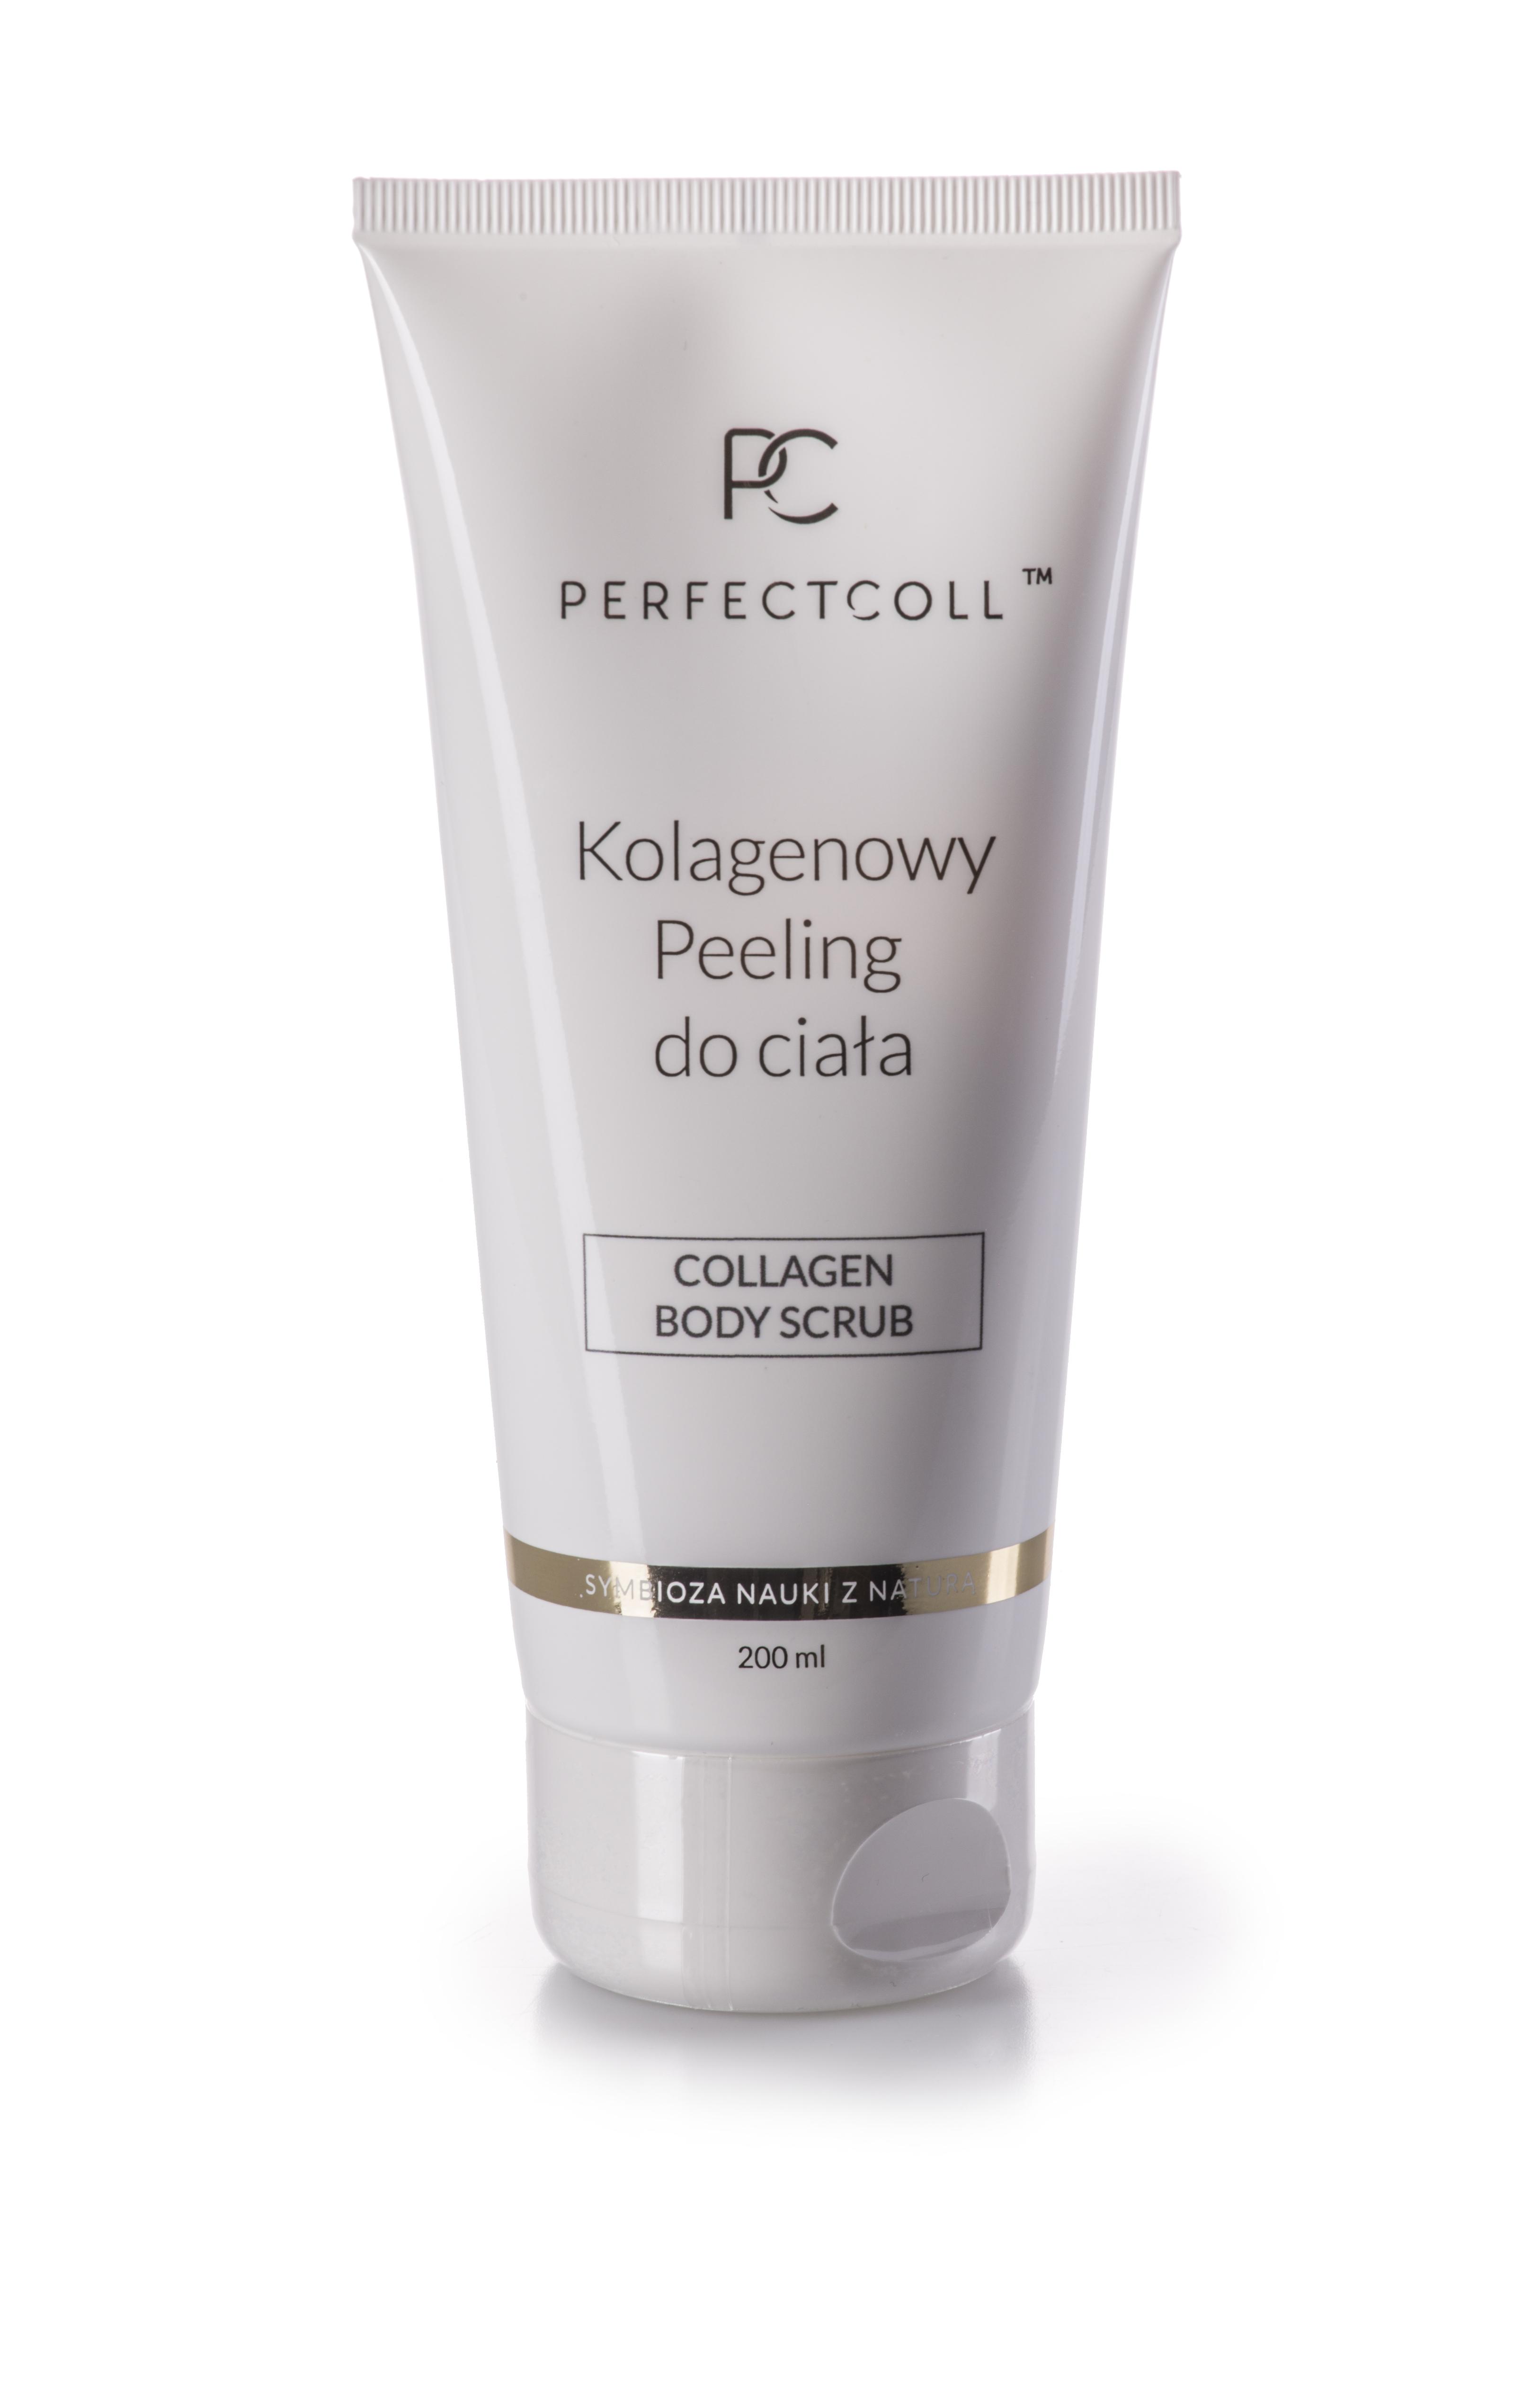 Kolagenowy peeling do ciała_perfect Coll_CodziennikKosmetyczny.pl